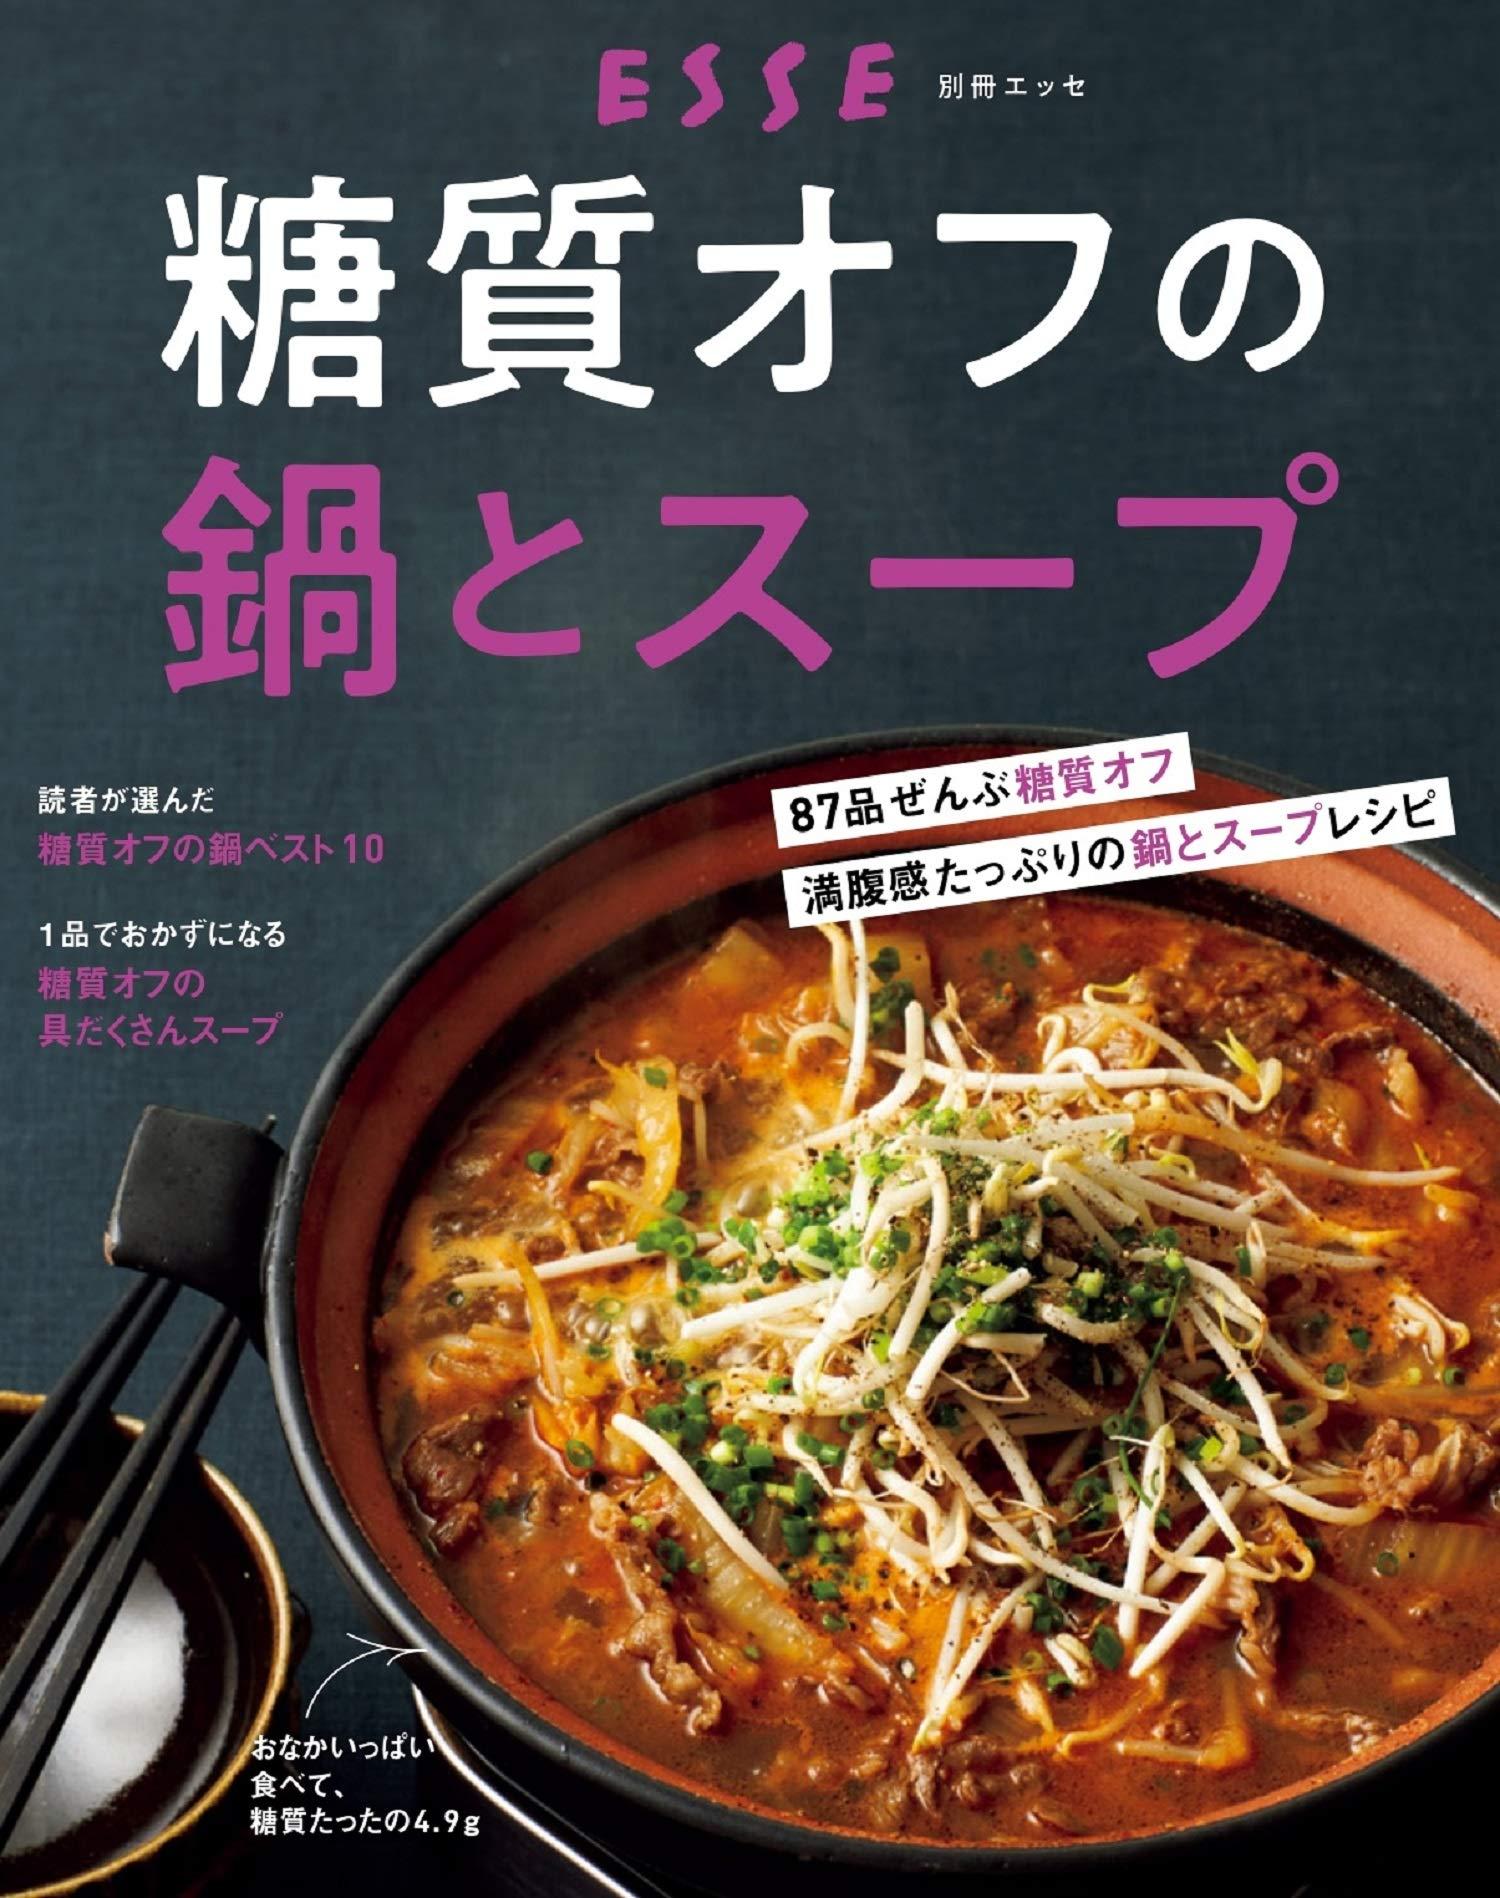 エッセで好評だったレシピを厳選『糖質オフの鍋とスープ』